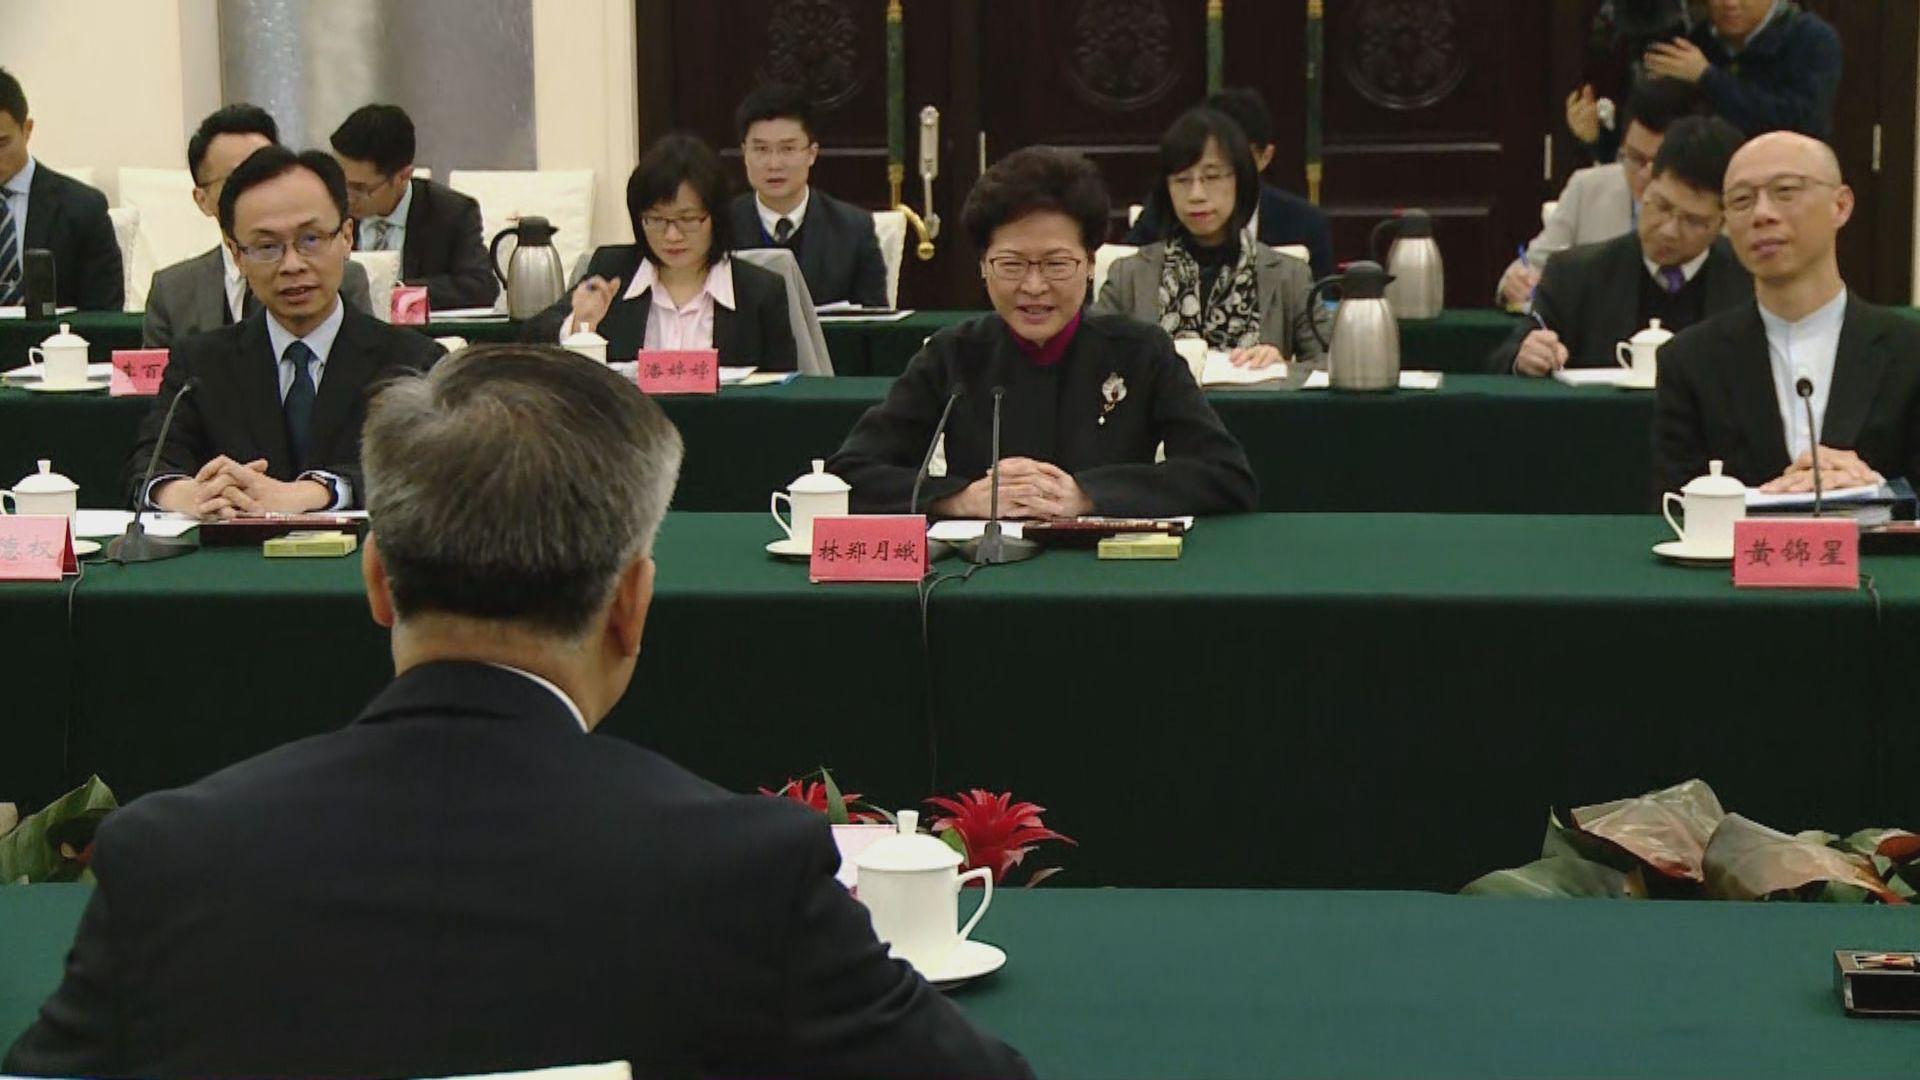 林鄭月娥乘高鐵赴廣州商大灣區合作